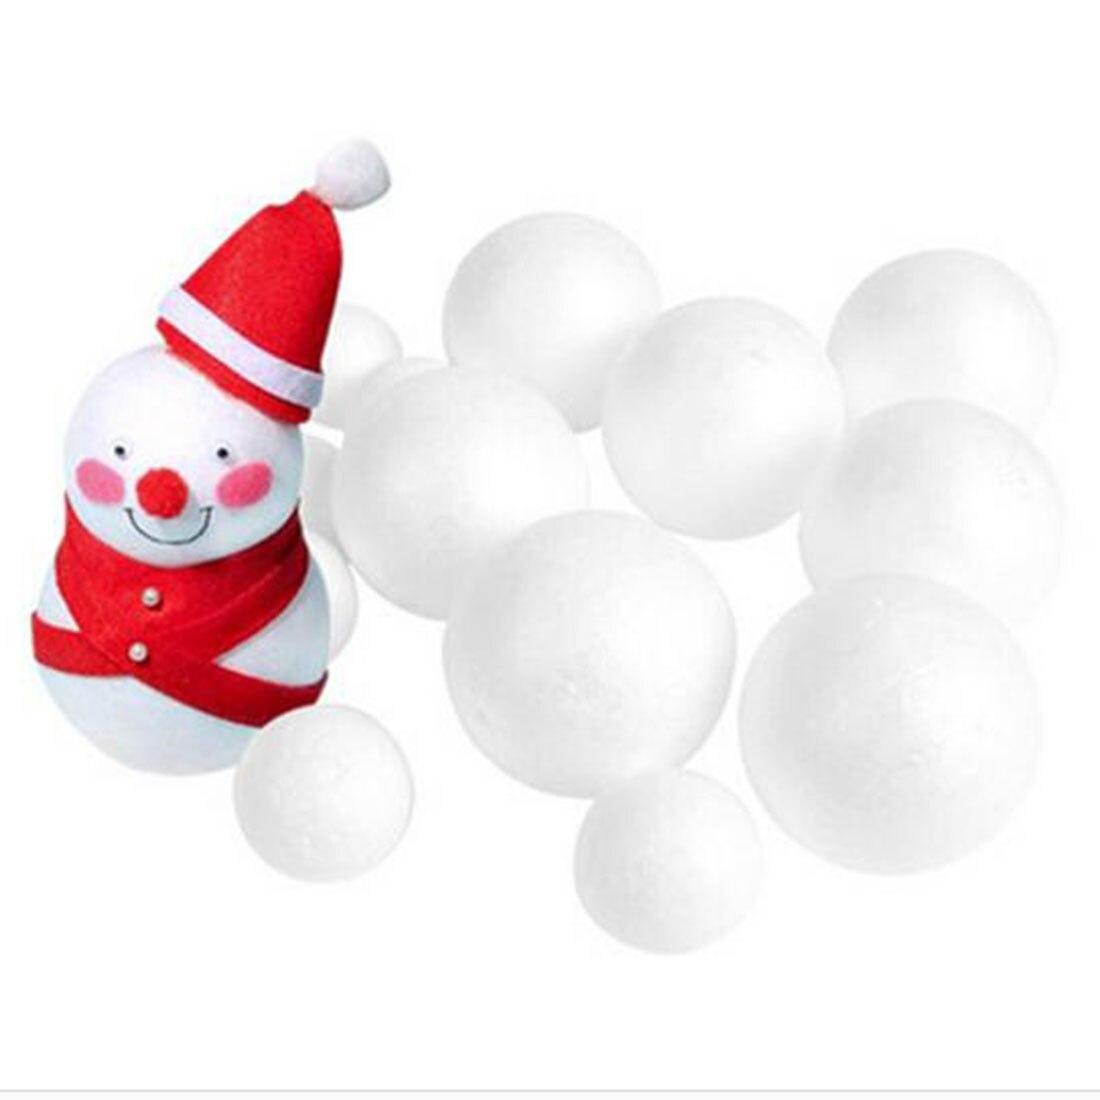 Moda 12 pcs 70 MM Modelling Poliestireno Isopor Espuma Bola Branca Bolas de  Artesanato Para DIY Decoração Festa de Natal Suprimentos acad6dc9c6d3a